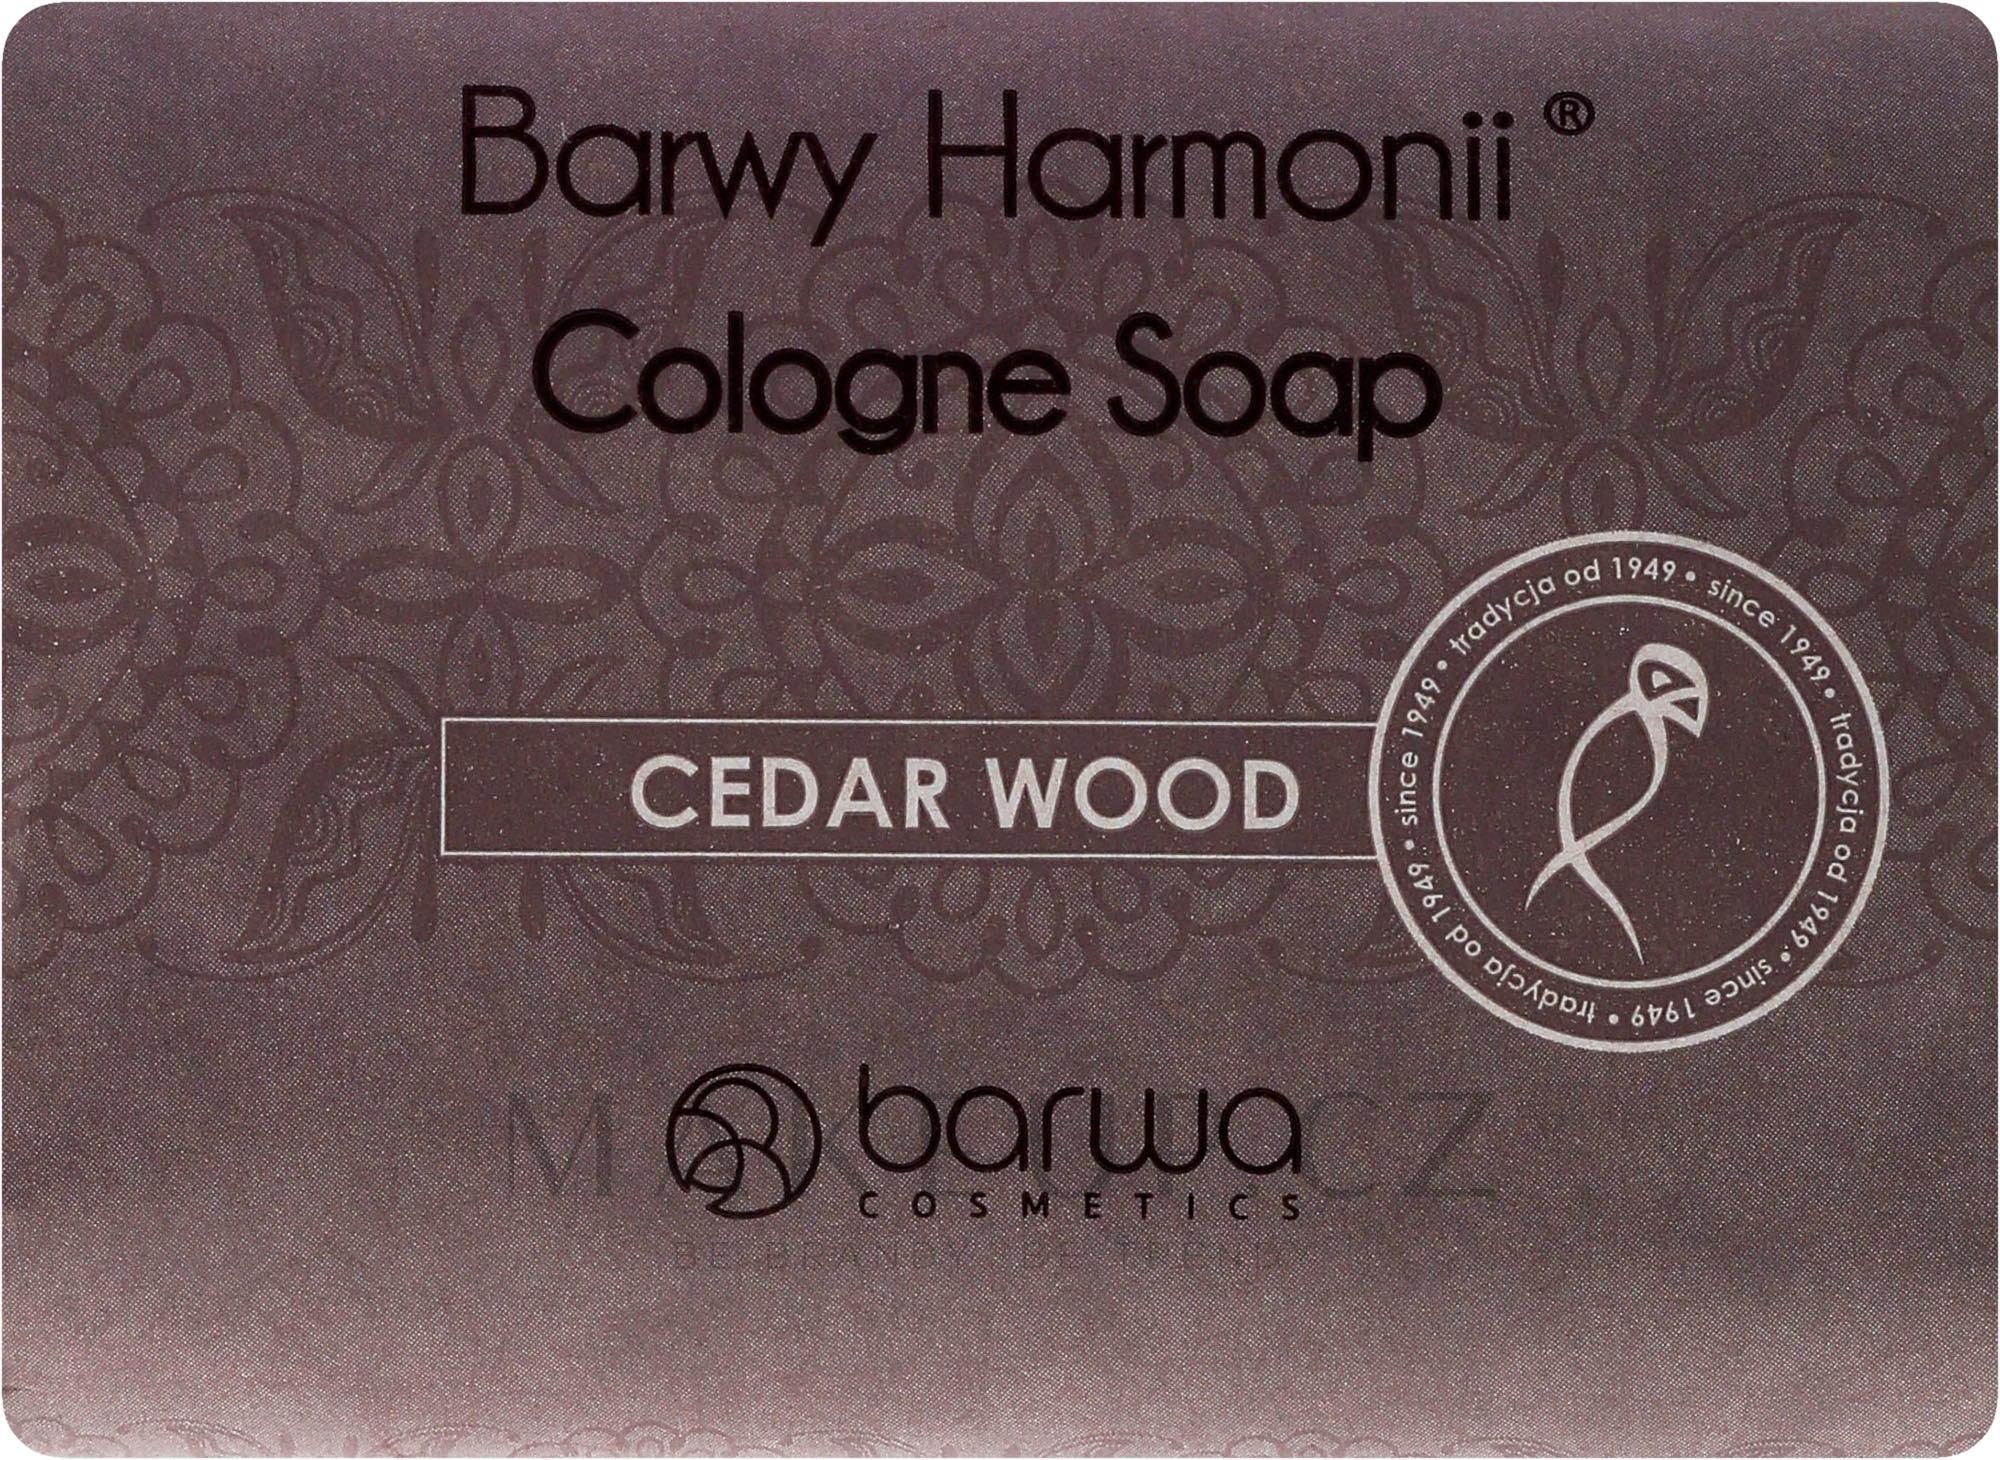 Mýdlo s extraktem z cedru - Barwa Harmony Cedar Wood Soap — foto 190 g